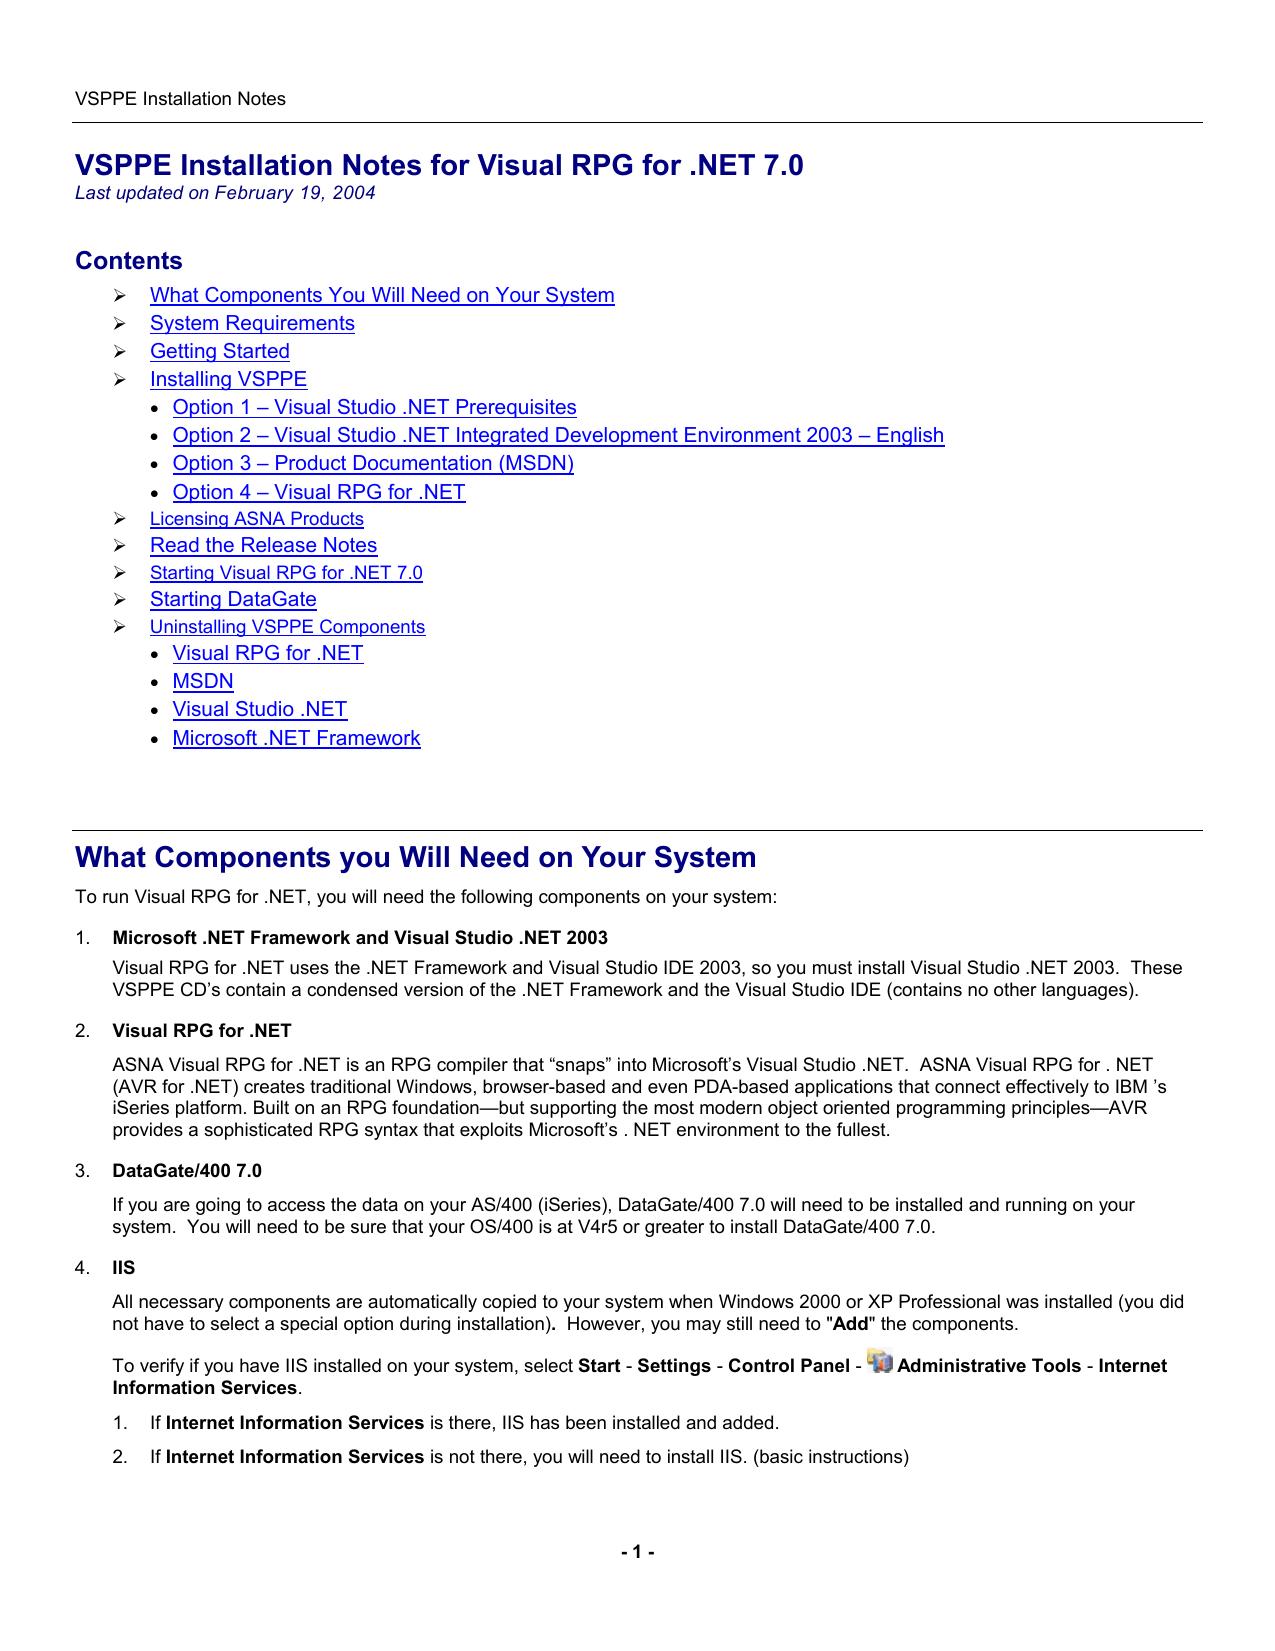 VSPPE Installation Guide | manualzz com